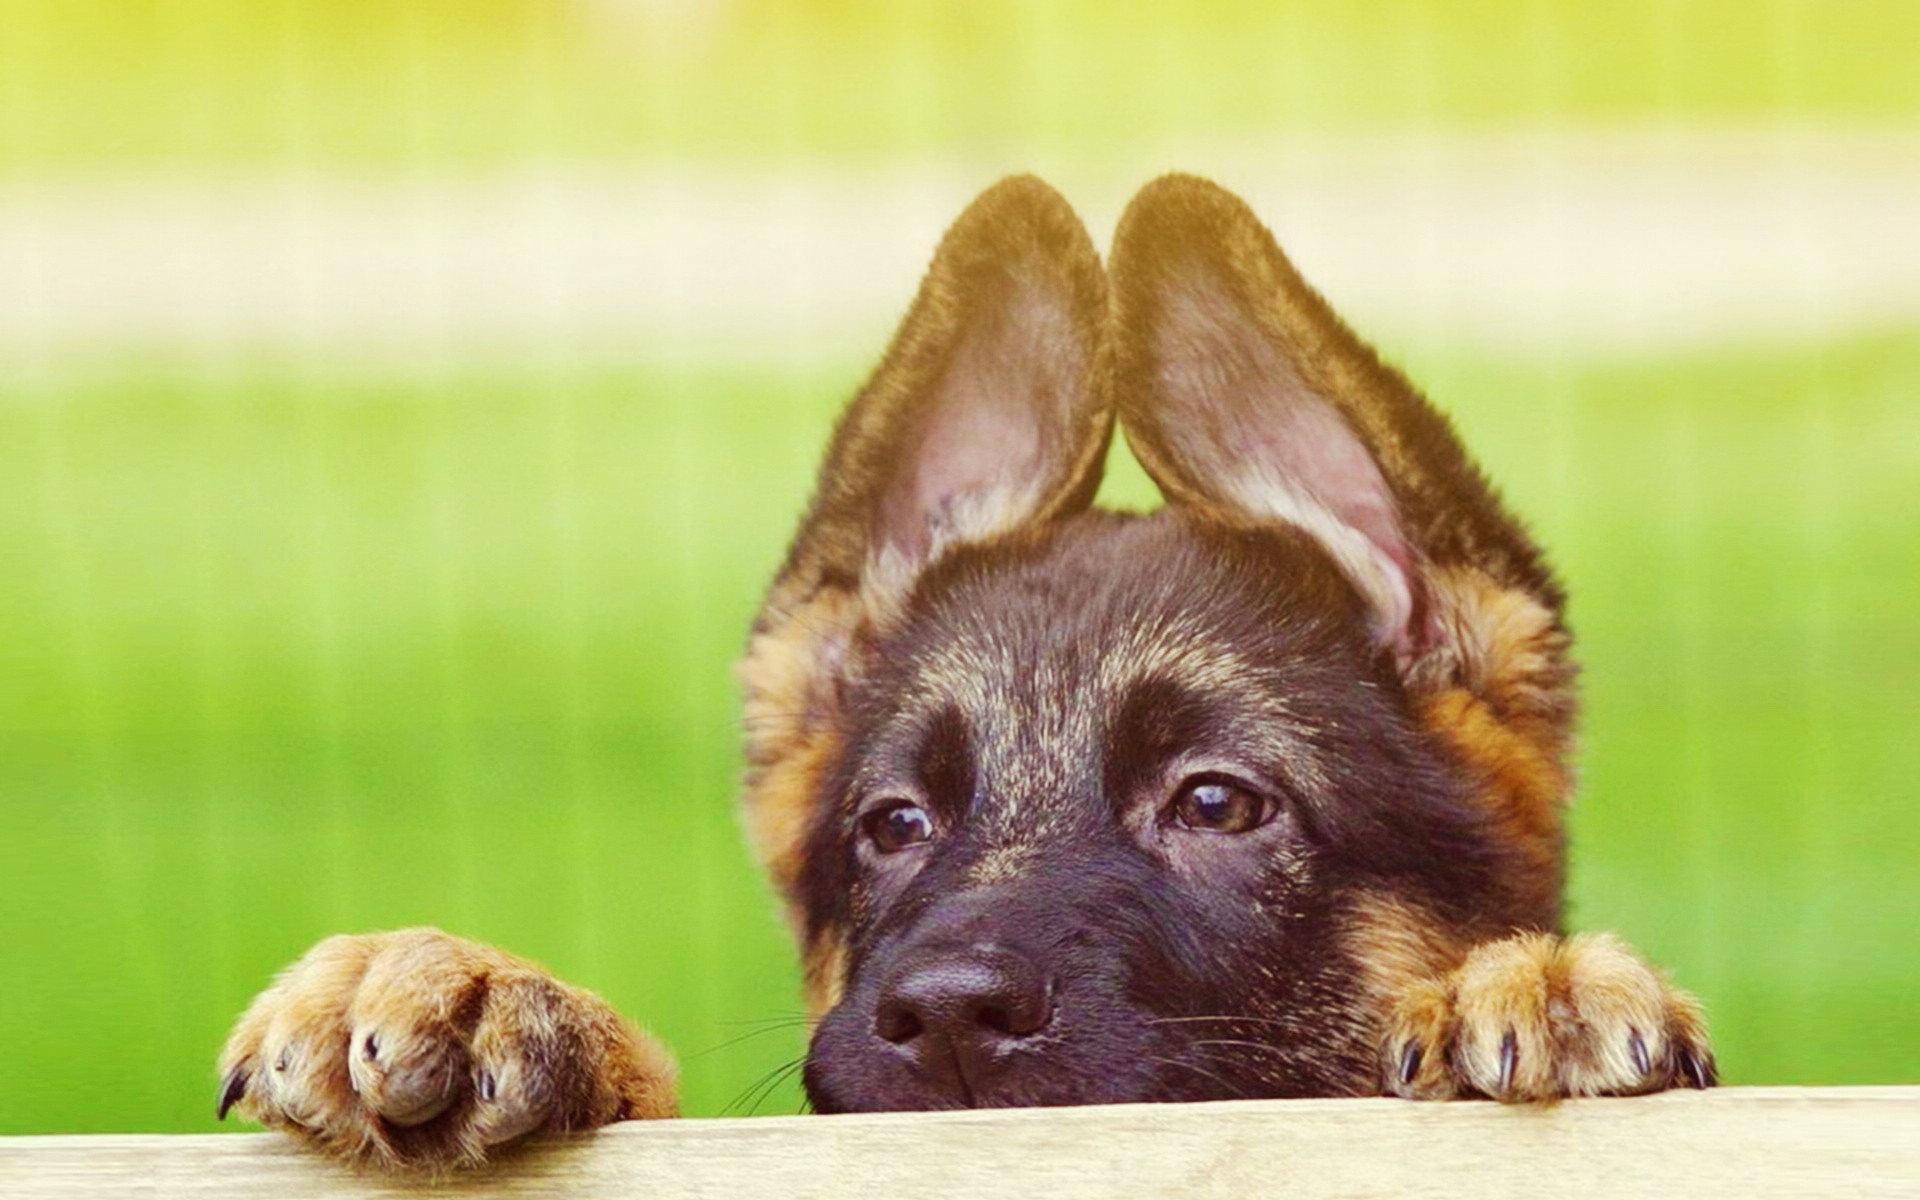 Cute German Shepherd Puppies   Wallpaper High Definition High 1920x1200